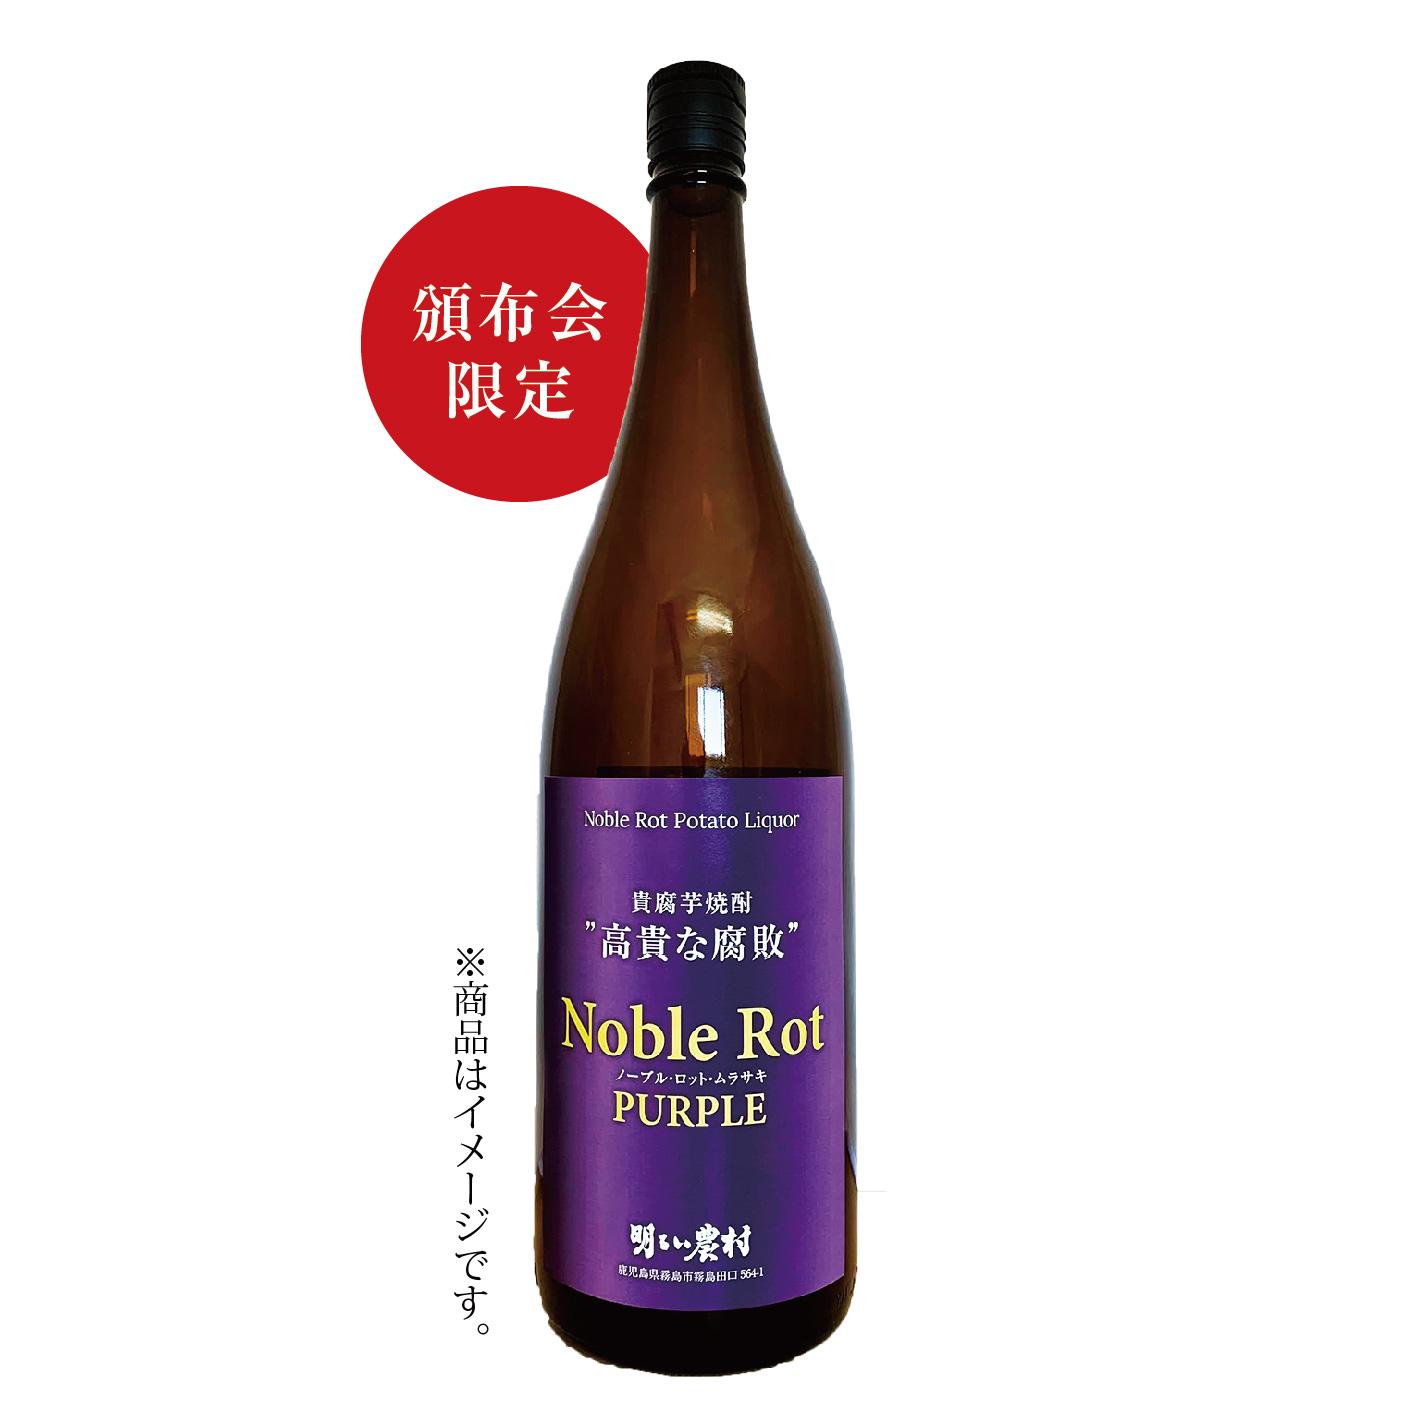 頒布会 貴腐芋(紫)